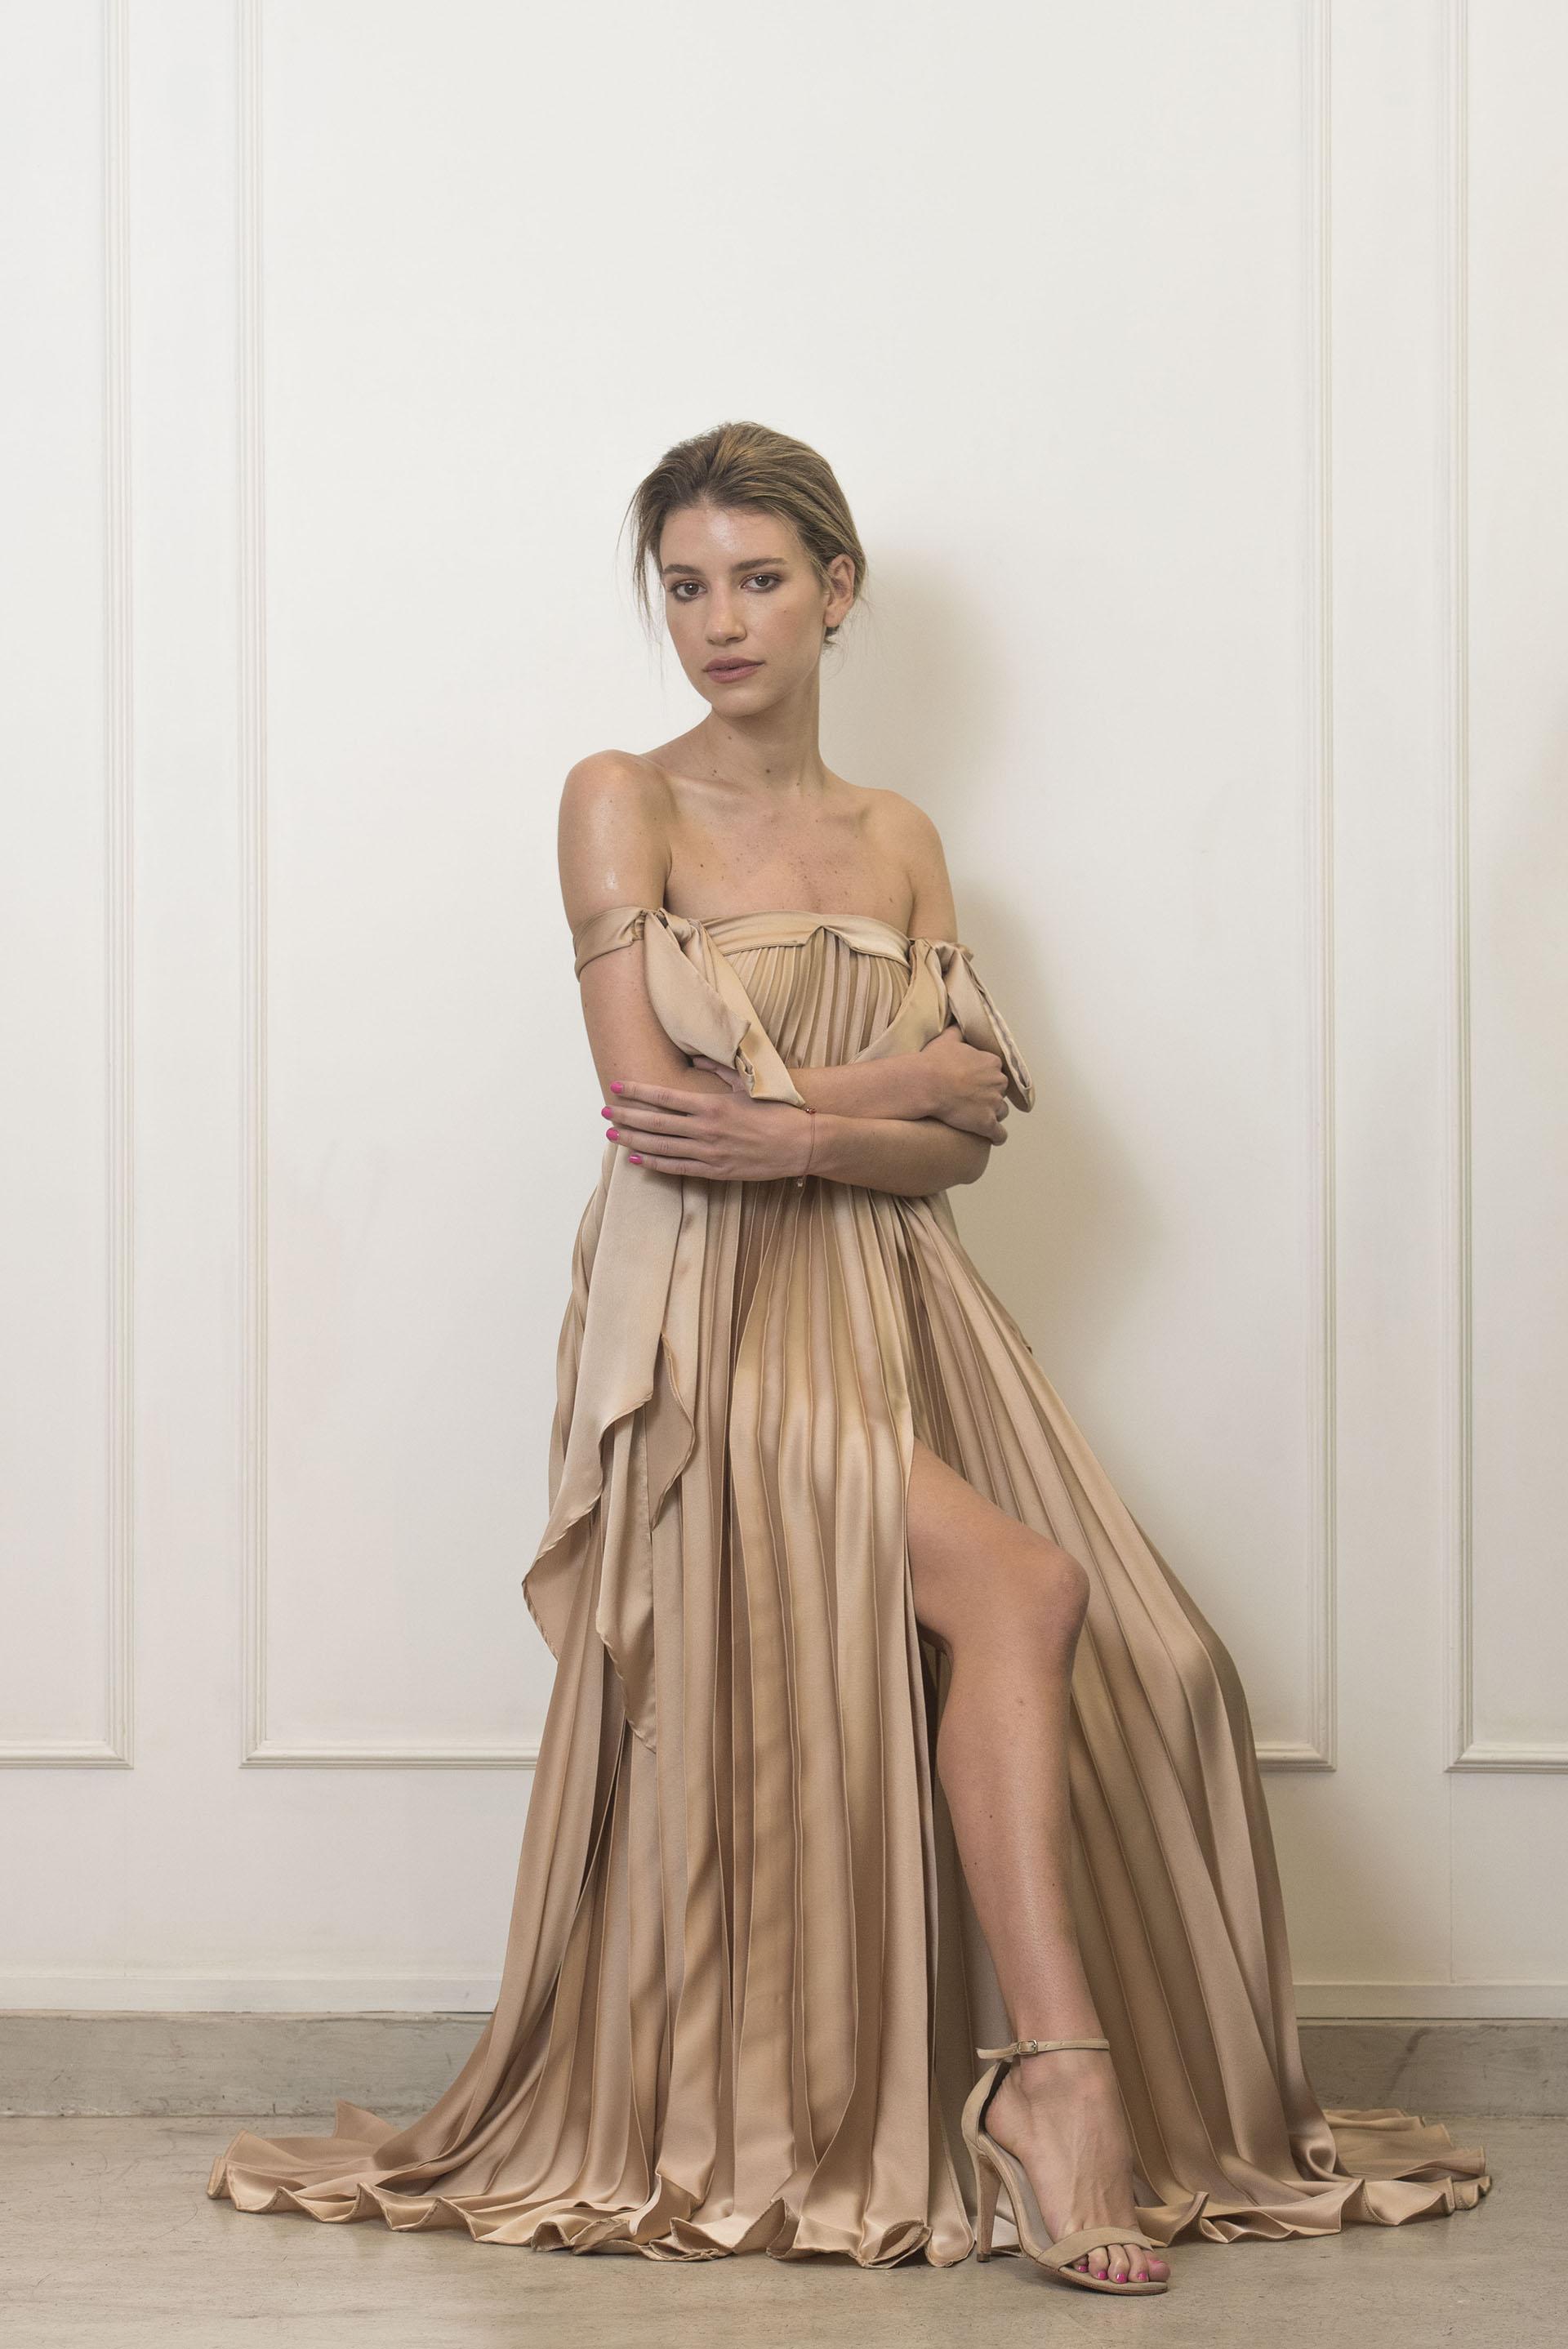 Un vestido plisado con escote barco coronado por un moño en cada brazo. El tono es el gran protagonista: seda en oro